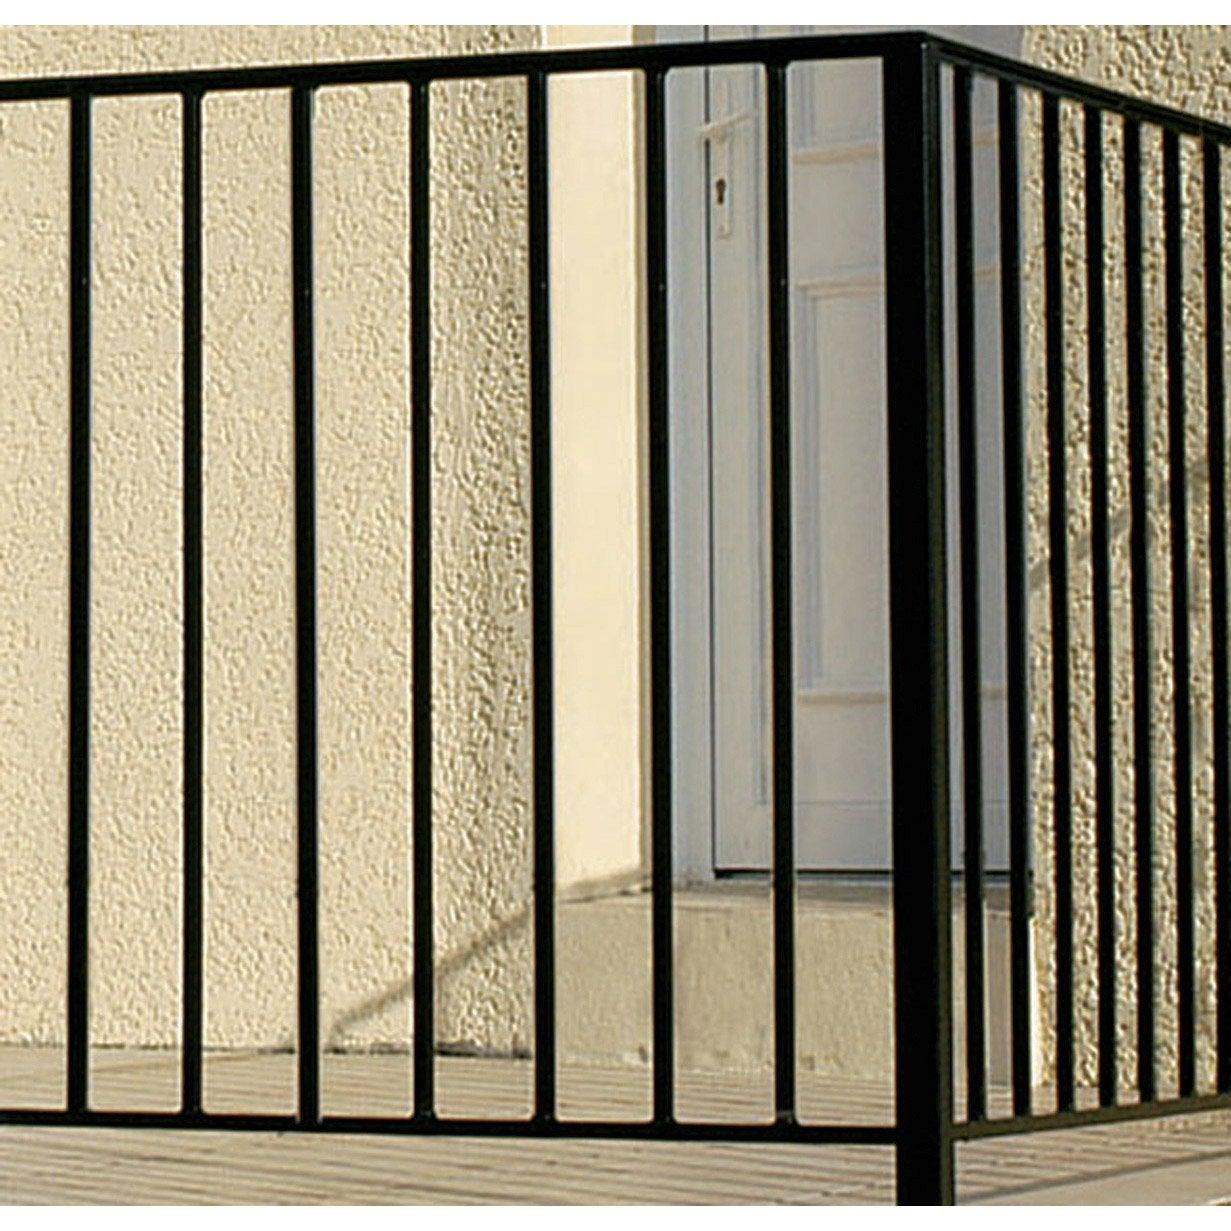 Auvent Balcon destiné garde-corps pour balcon en fer prépeint levant, haut. 97cm x larg